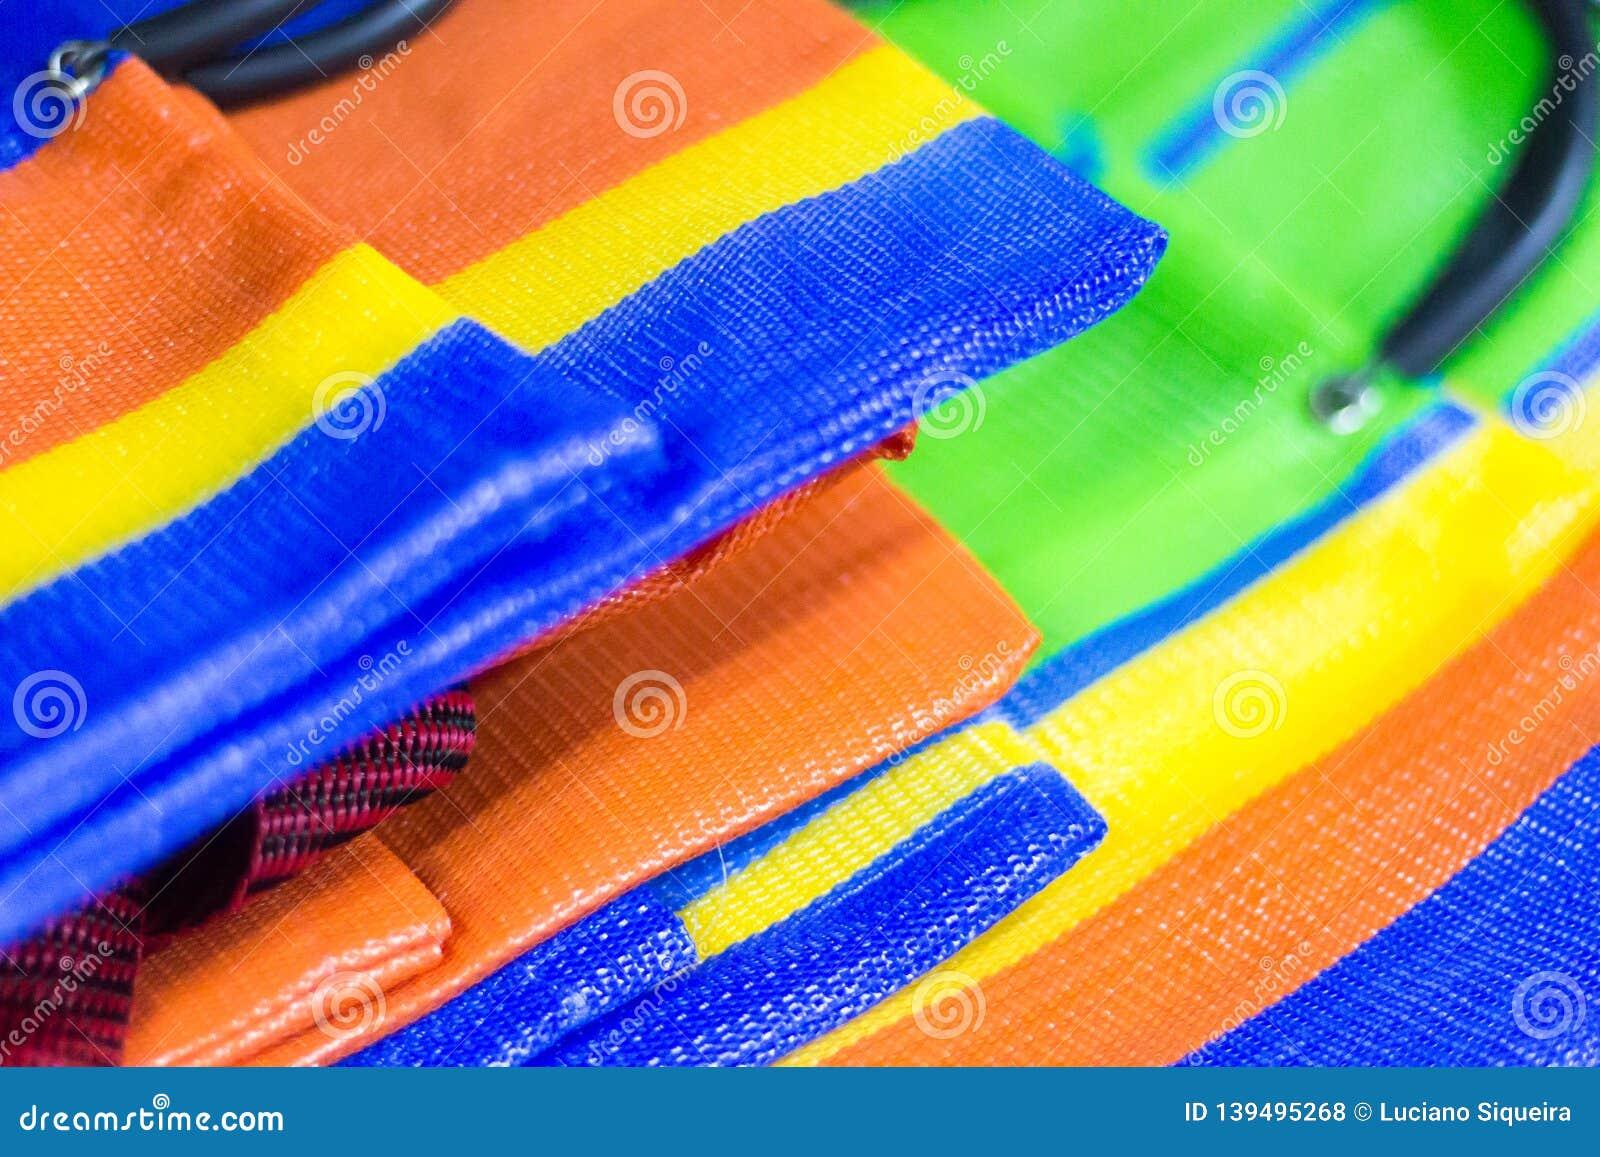 Détail des sacs en nylon multicolores